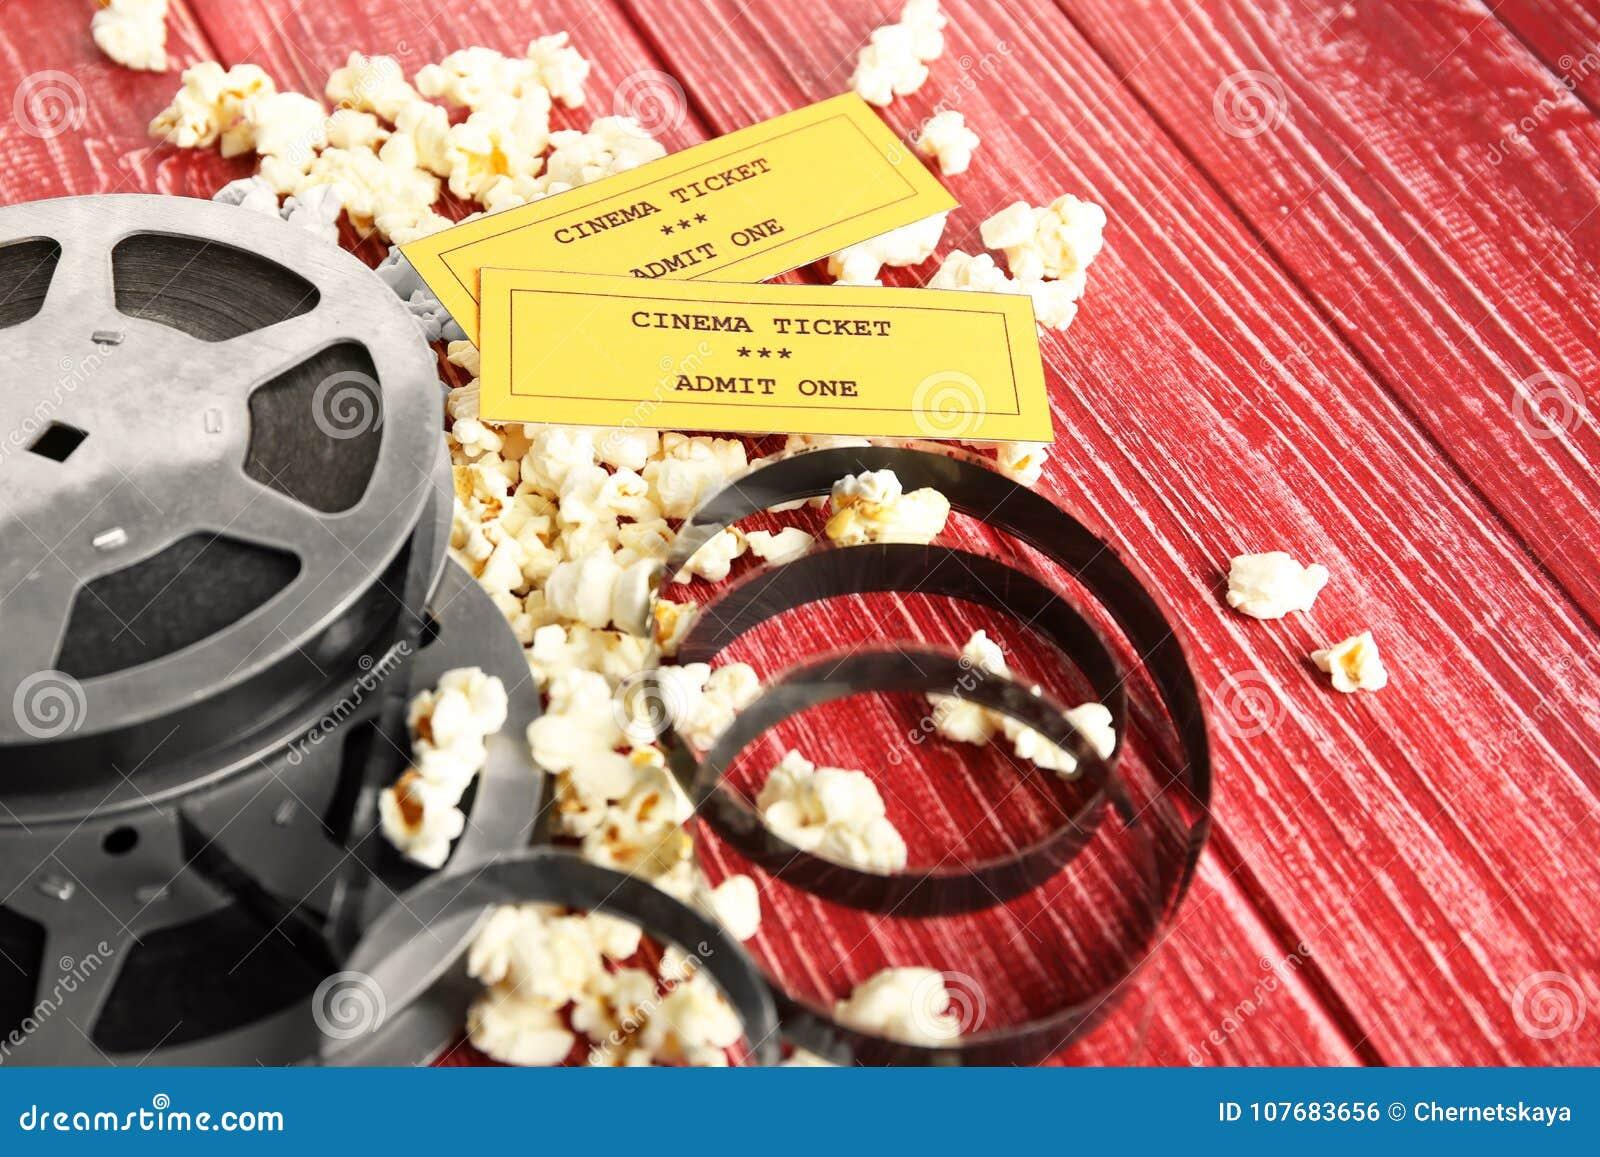 Вкусные попкорн, билеты и вьюрок кино